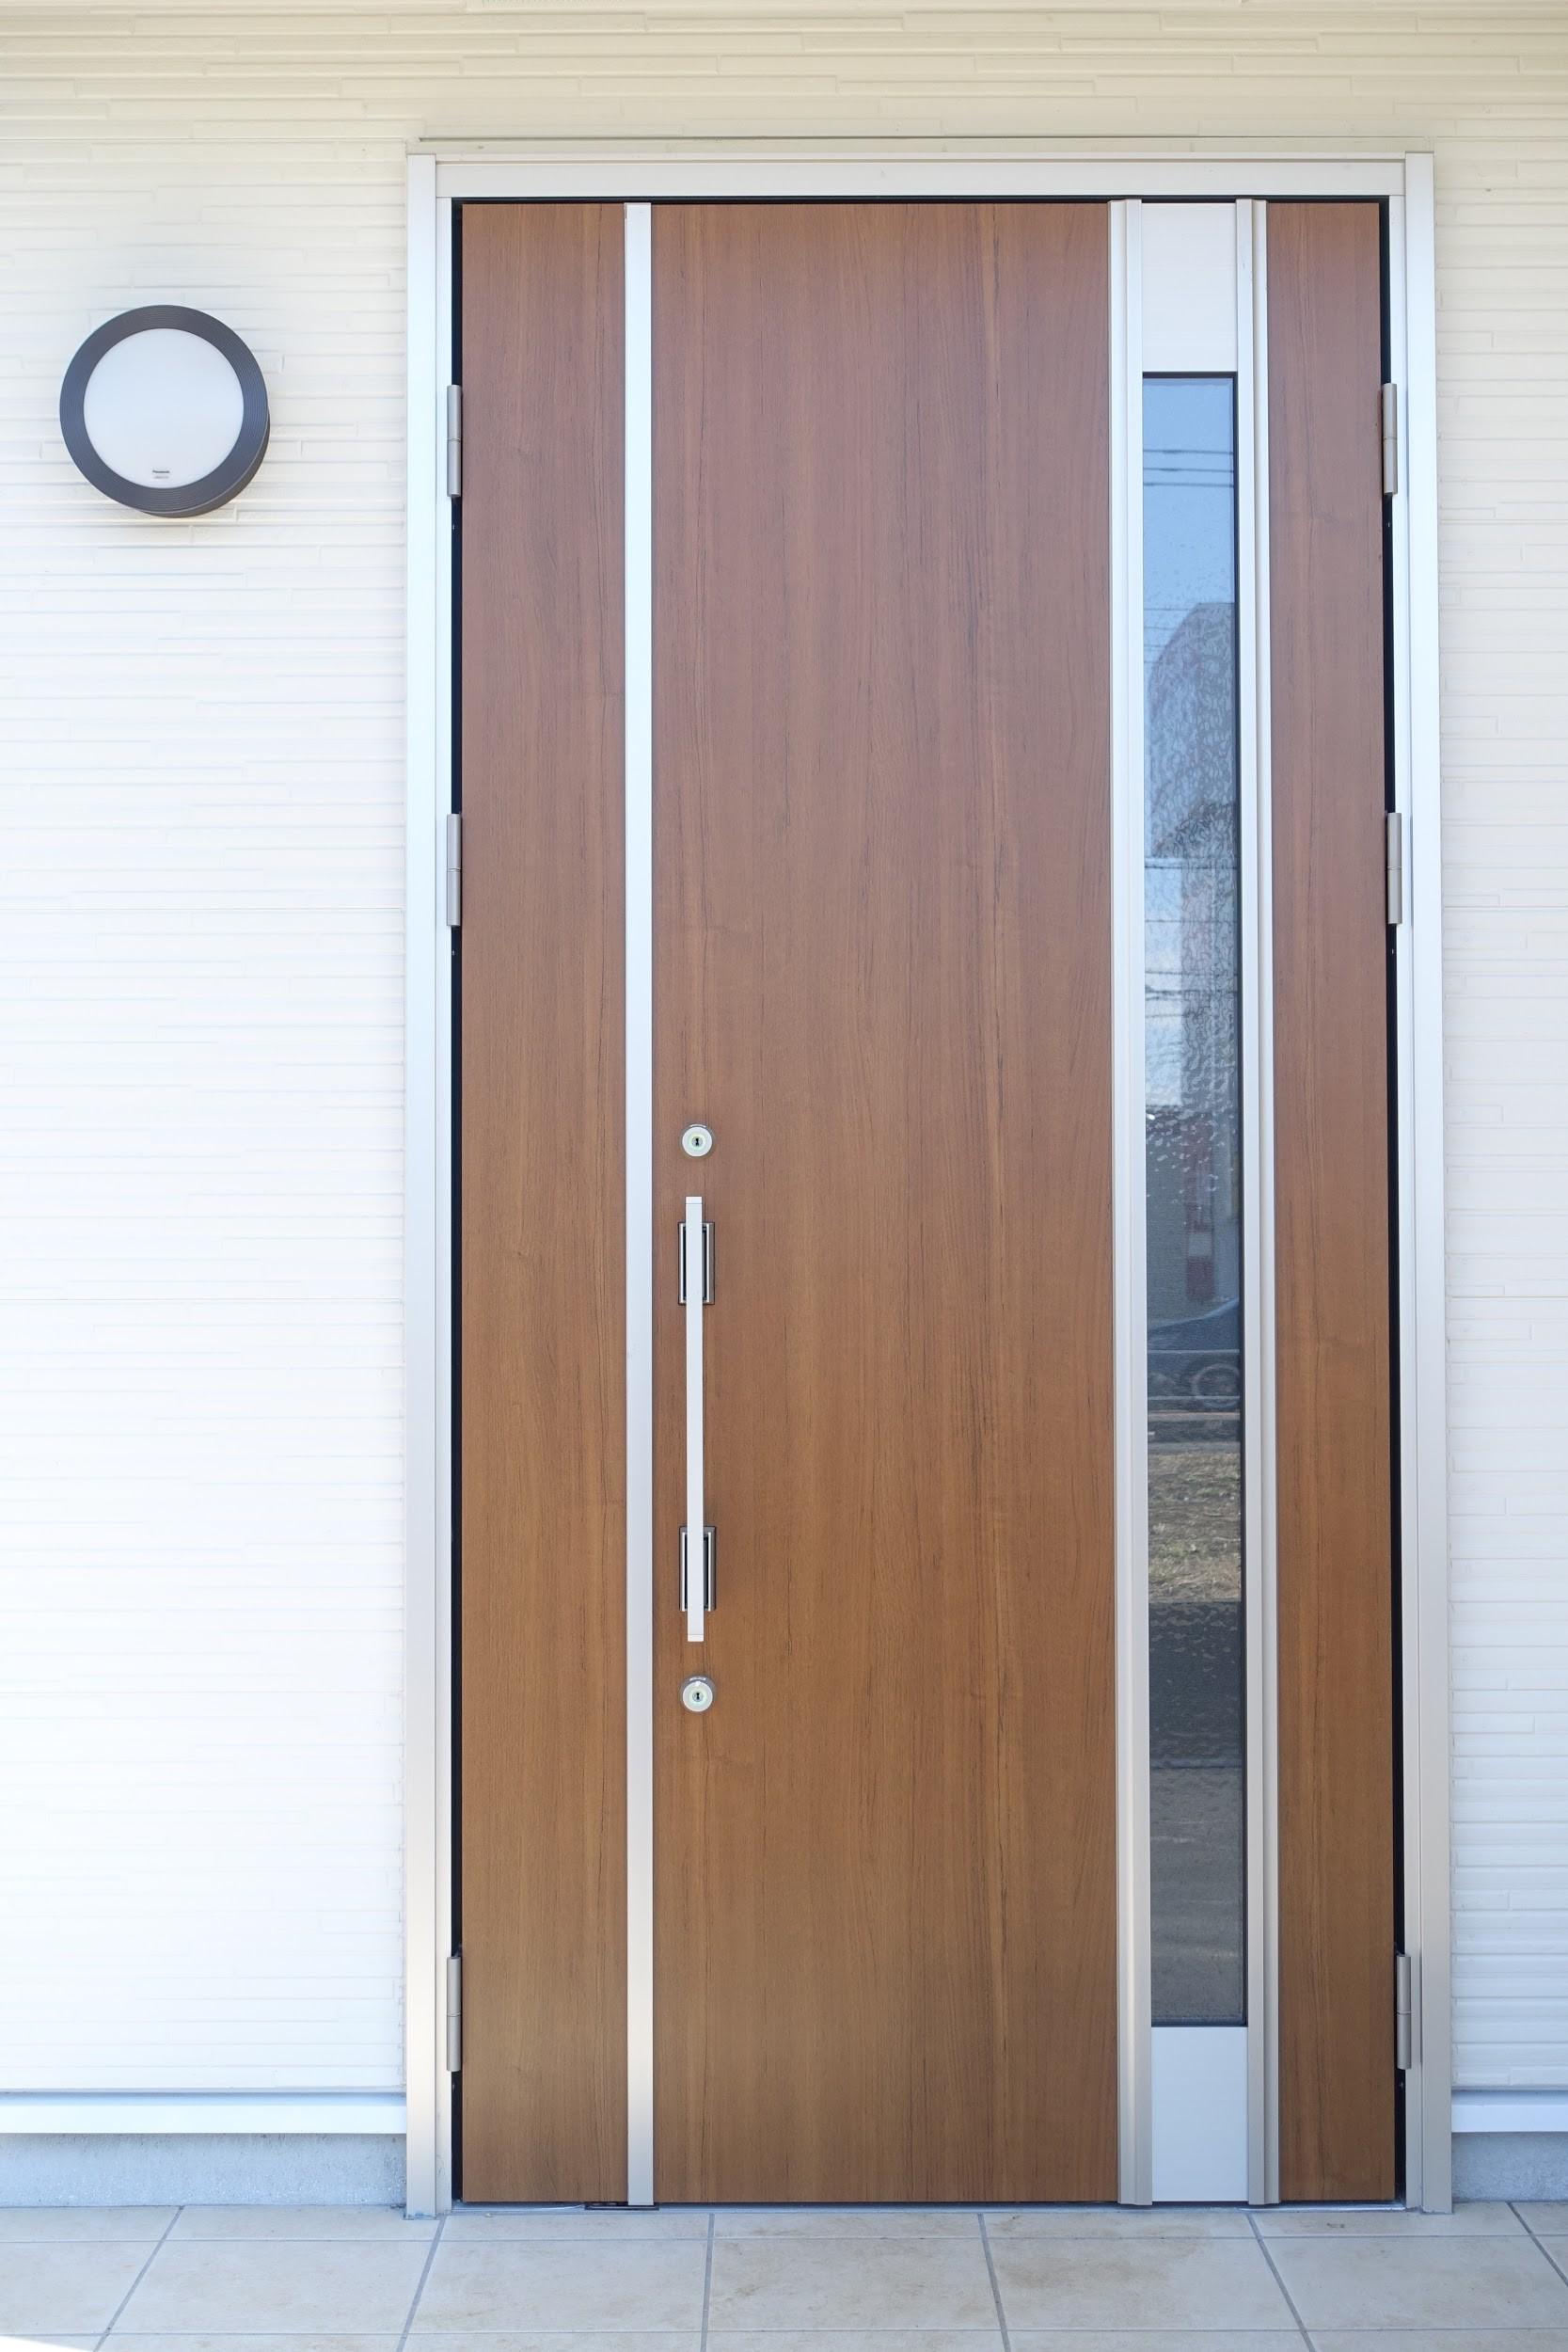 玄関ドア交換の価格を全て公開!費用を抑える取り替え方法を徹底解説